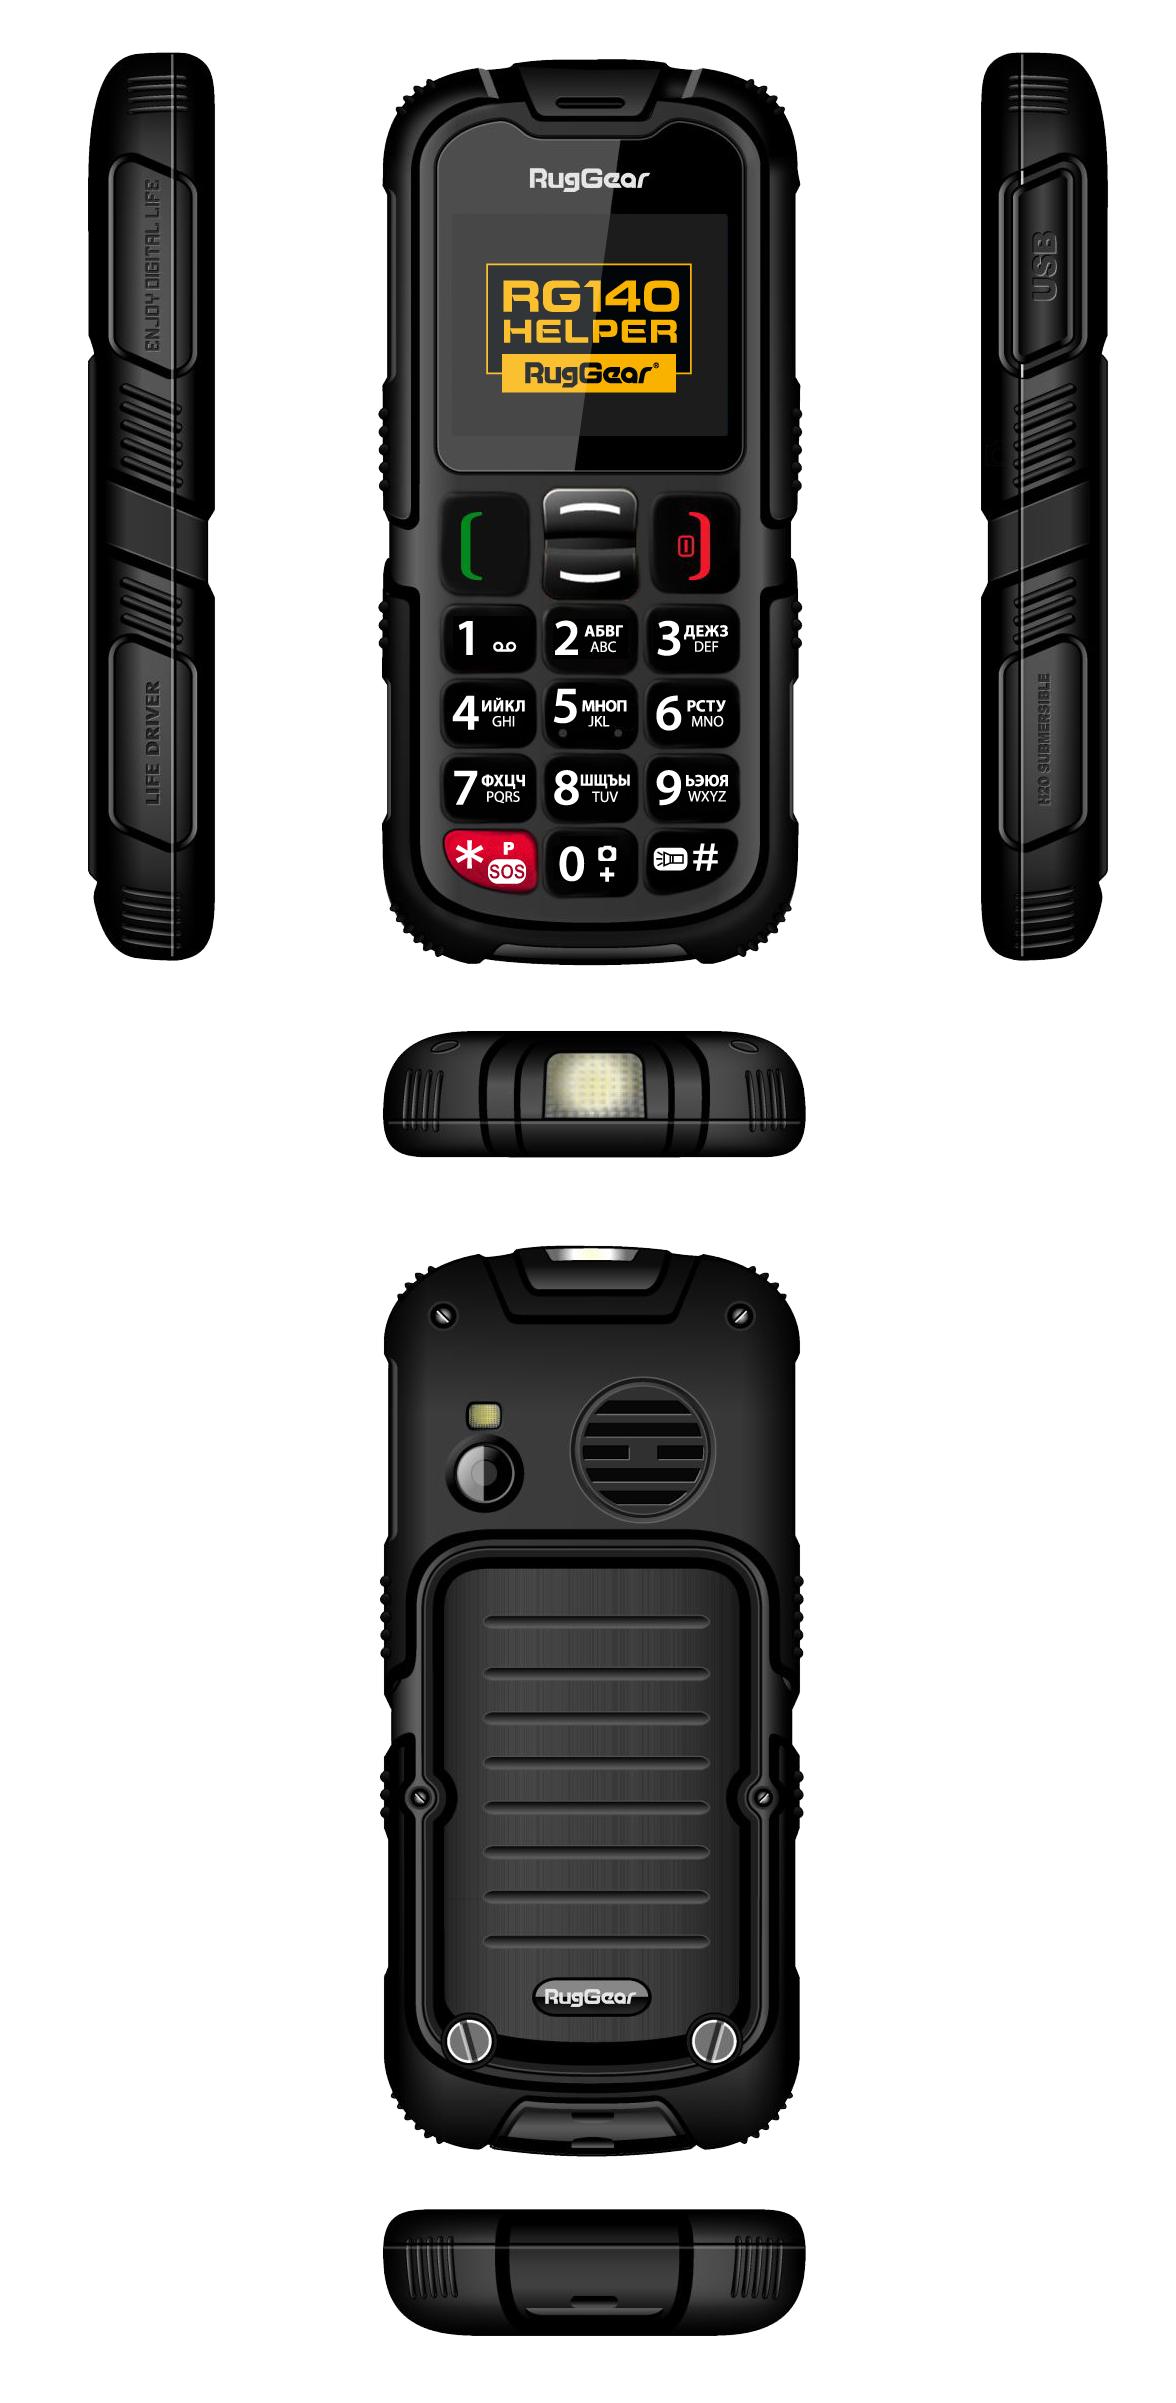 Защищенный телефон RugGear Helper оснащен выделенной кнопкой SOS